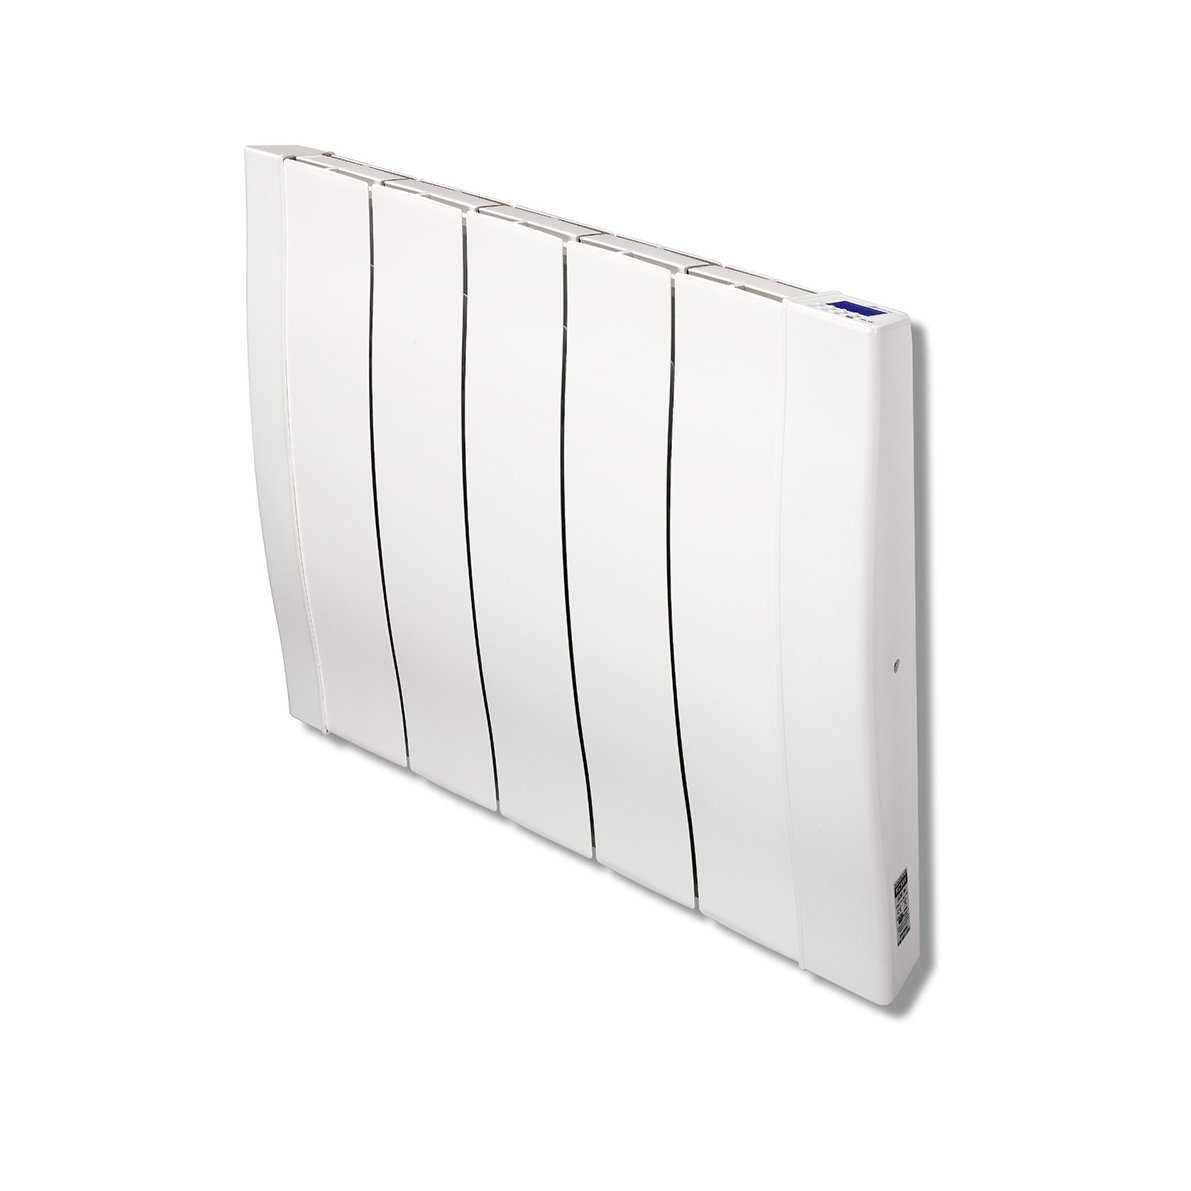 HAVERLAND RC5W Emisor térmico de inercia a fundición de Aluminio 800W, 800 W, Blanco: Amazon.es: Hogar